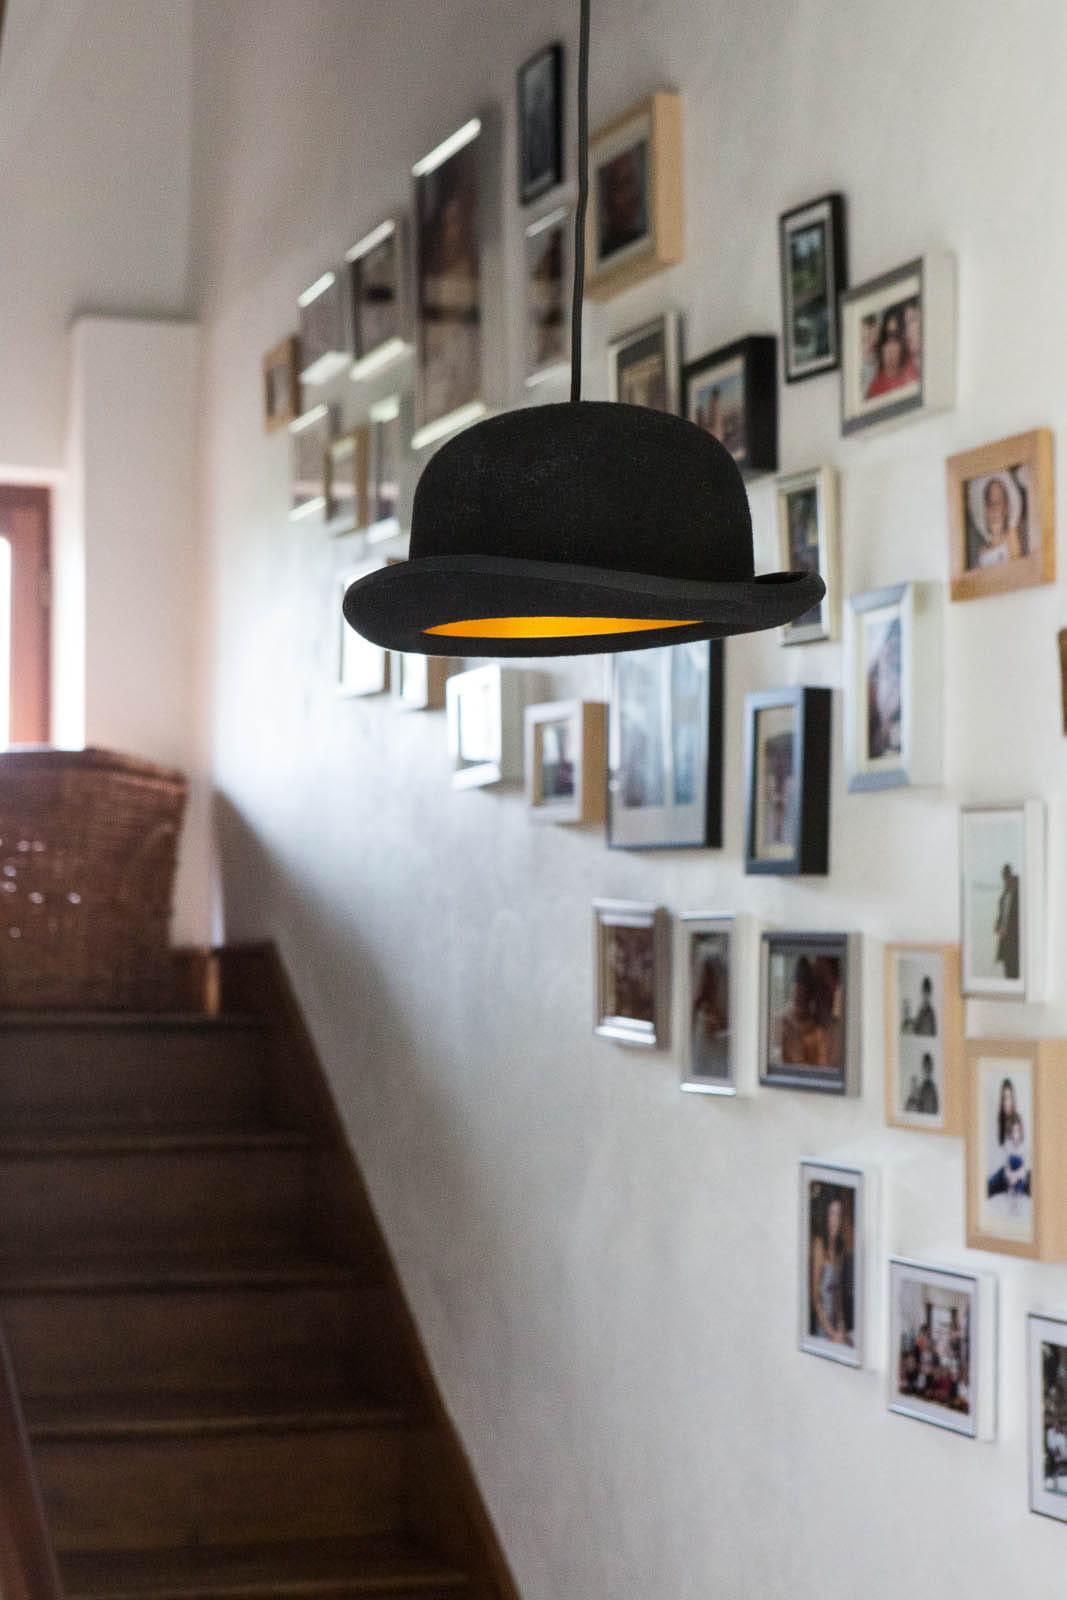 d cor d 39 escalier d co mix and match dans une ancienne curie journal des femmes. Black Bedroom Furniture Sets. Home Design Ideas